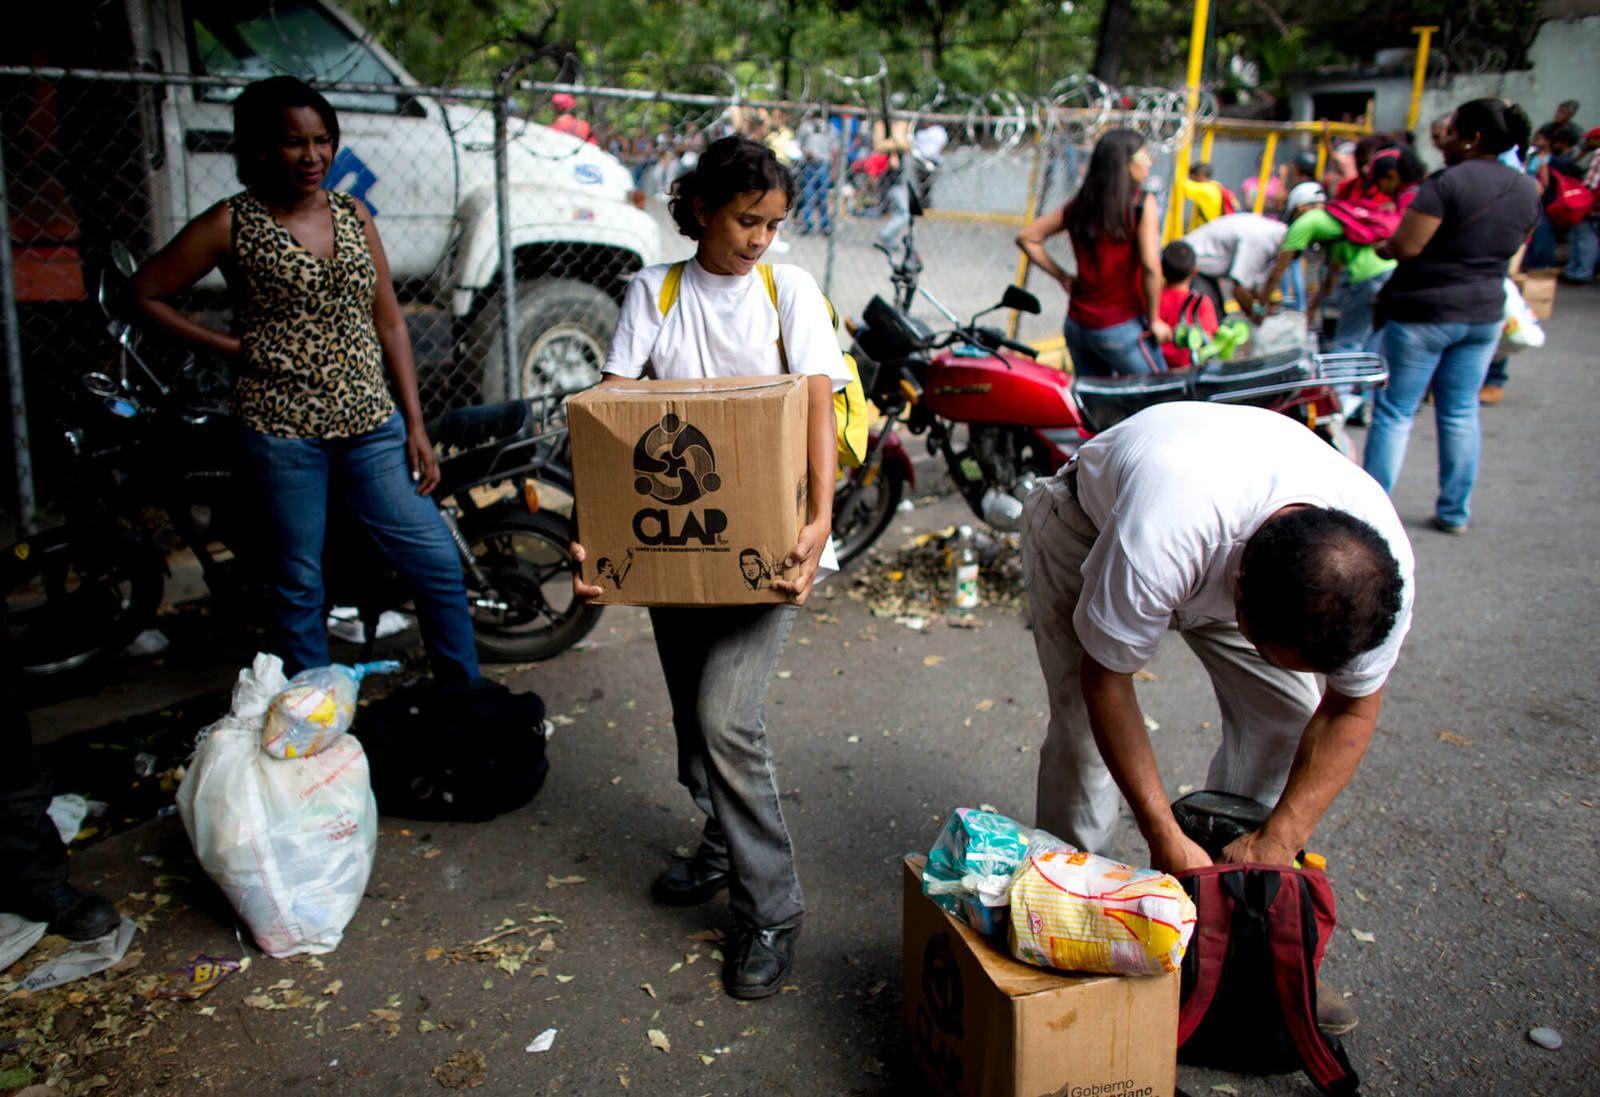 """Les gens prennent des boîtes d'aliments de base, comme les haricots, le riz, le thon et le lait en poudre, fournis par le programme gouvernemental """"CLAP"""", qui représente les Comités locaux d'approvisionnement et de production, à Caracas, Venezuela, le 16 mai 2018. Le resserrement des sanctions financières par l'administration Trump étouffe le gouvernement affamé de liquidités alors qu'il s'efforce de nourrir sa population. Ariana Cubillos / AP"""